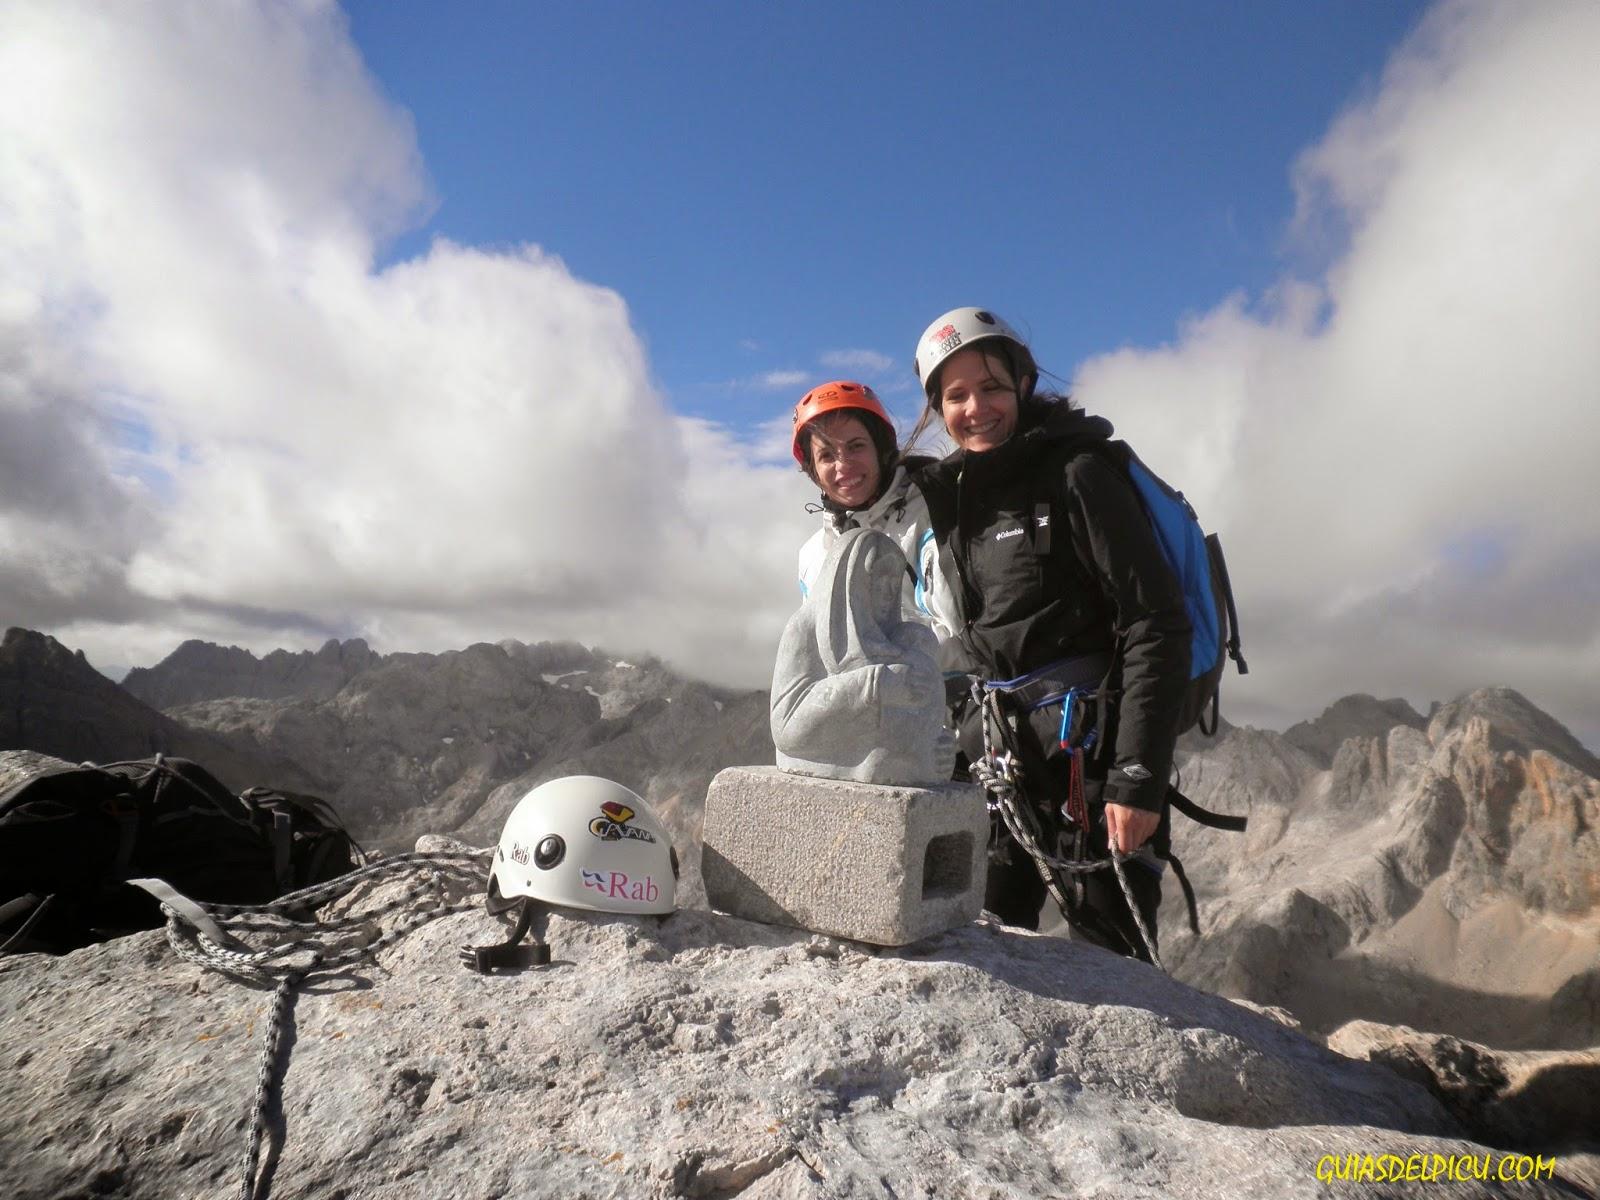 Fernando Calvo Guia de alta montaña . escaladas y ascensiones en los Picos de Europa , rab , cavana